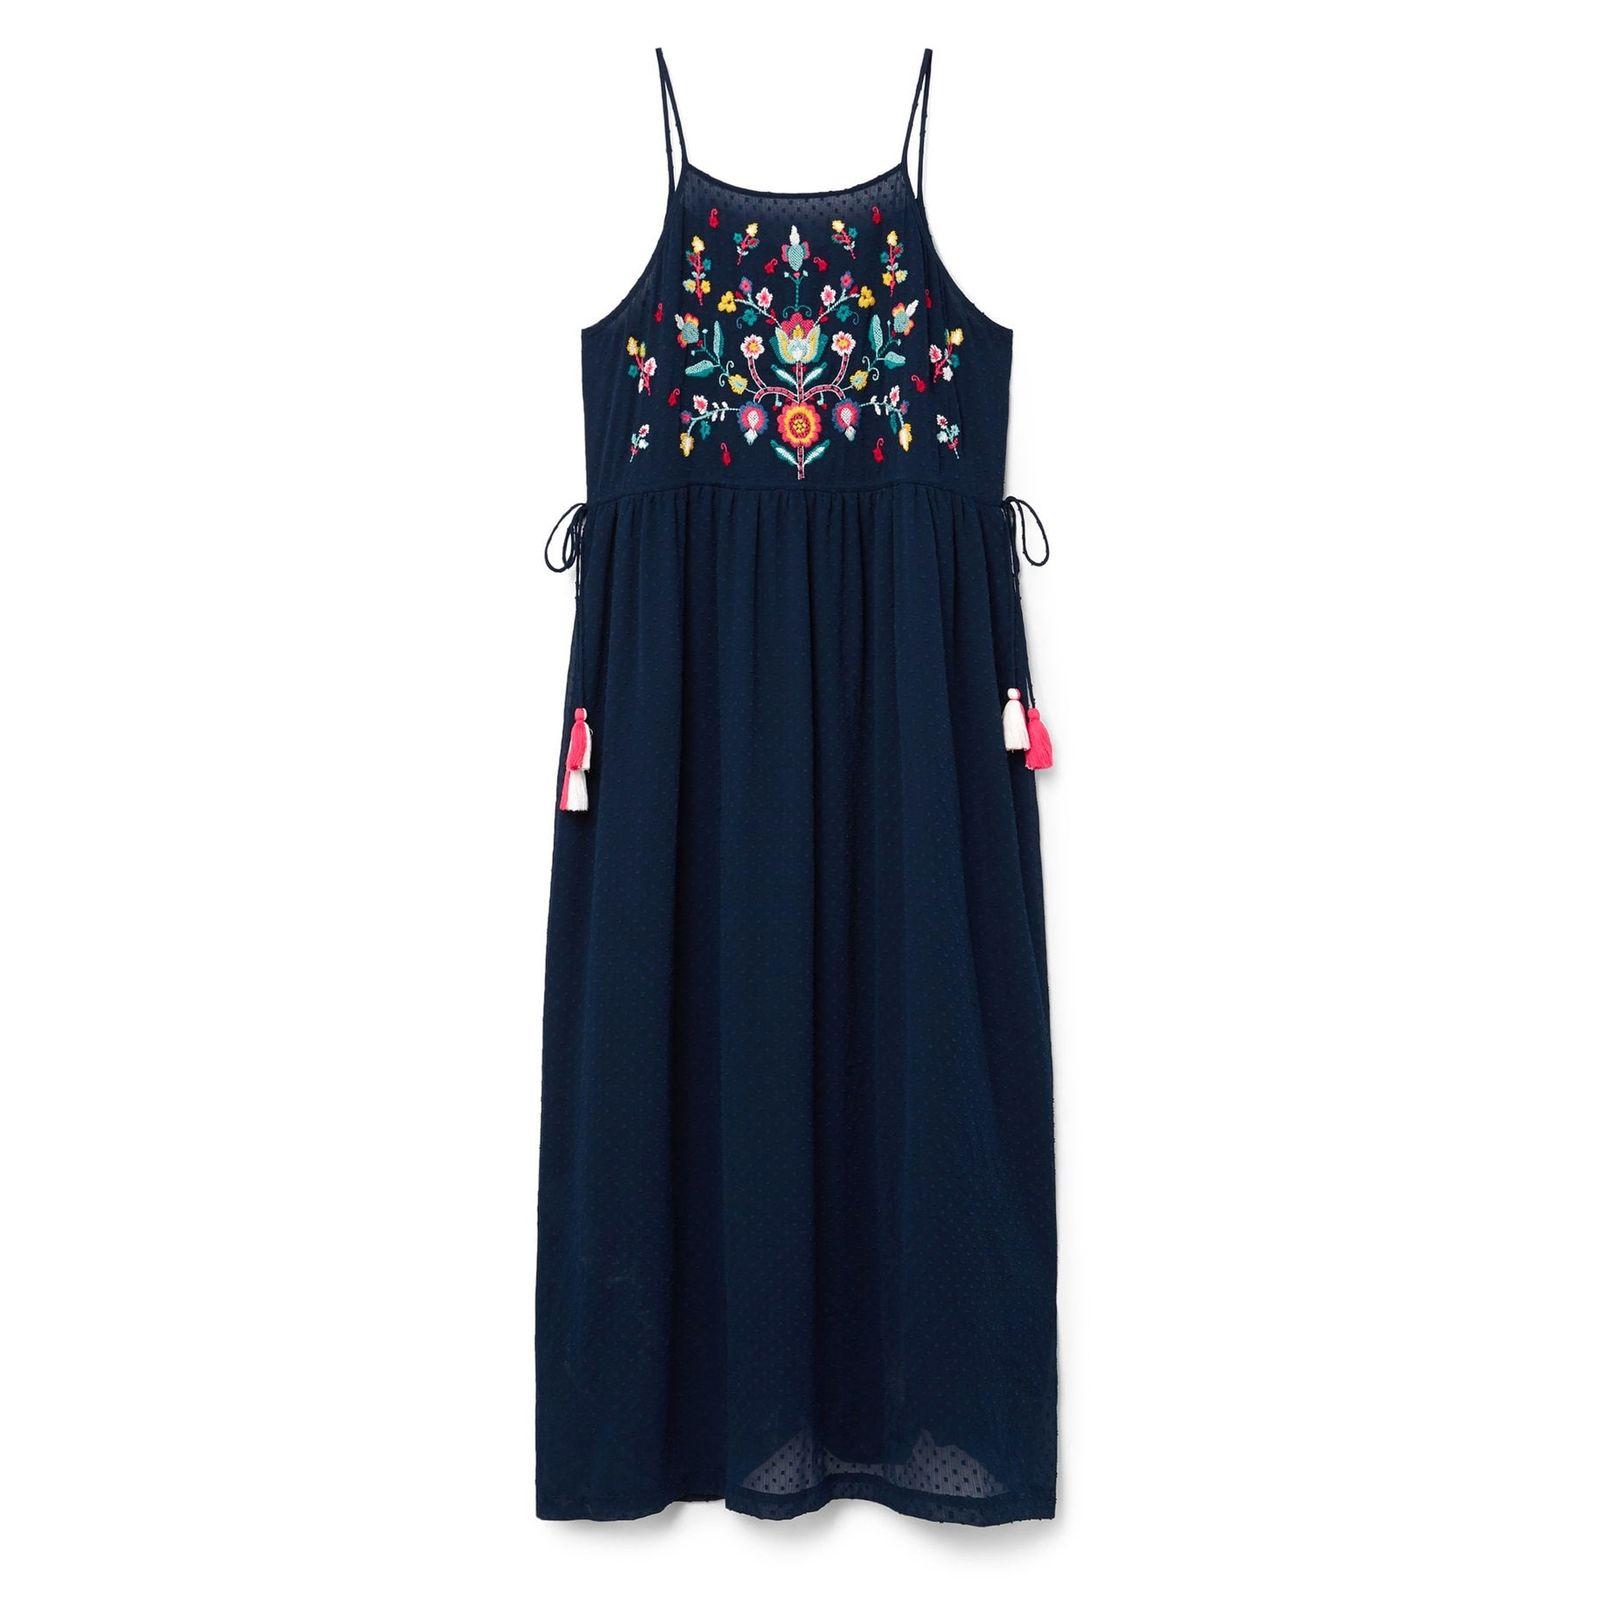 پیراهن بلند زنانه - ویولتا بای مانگو - سرمه اي - 1